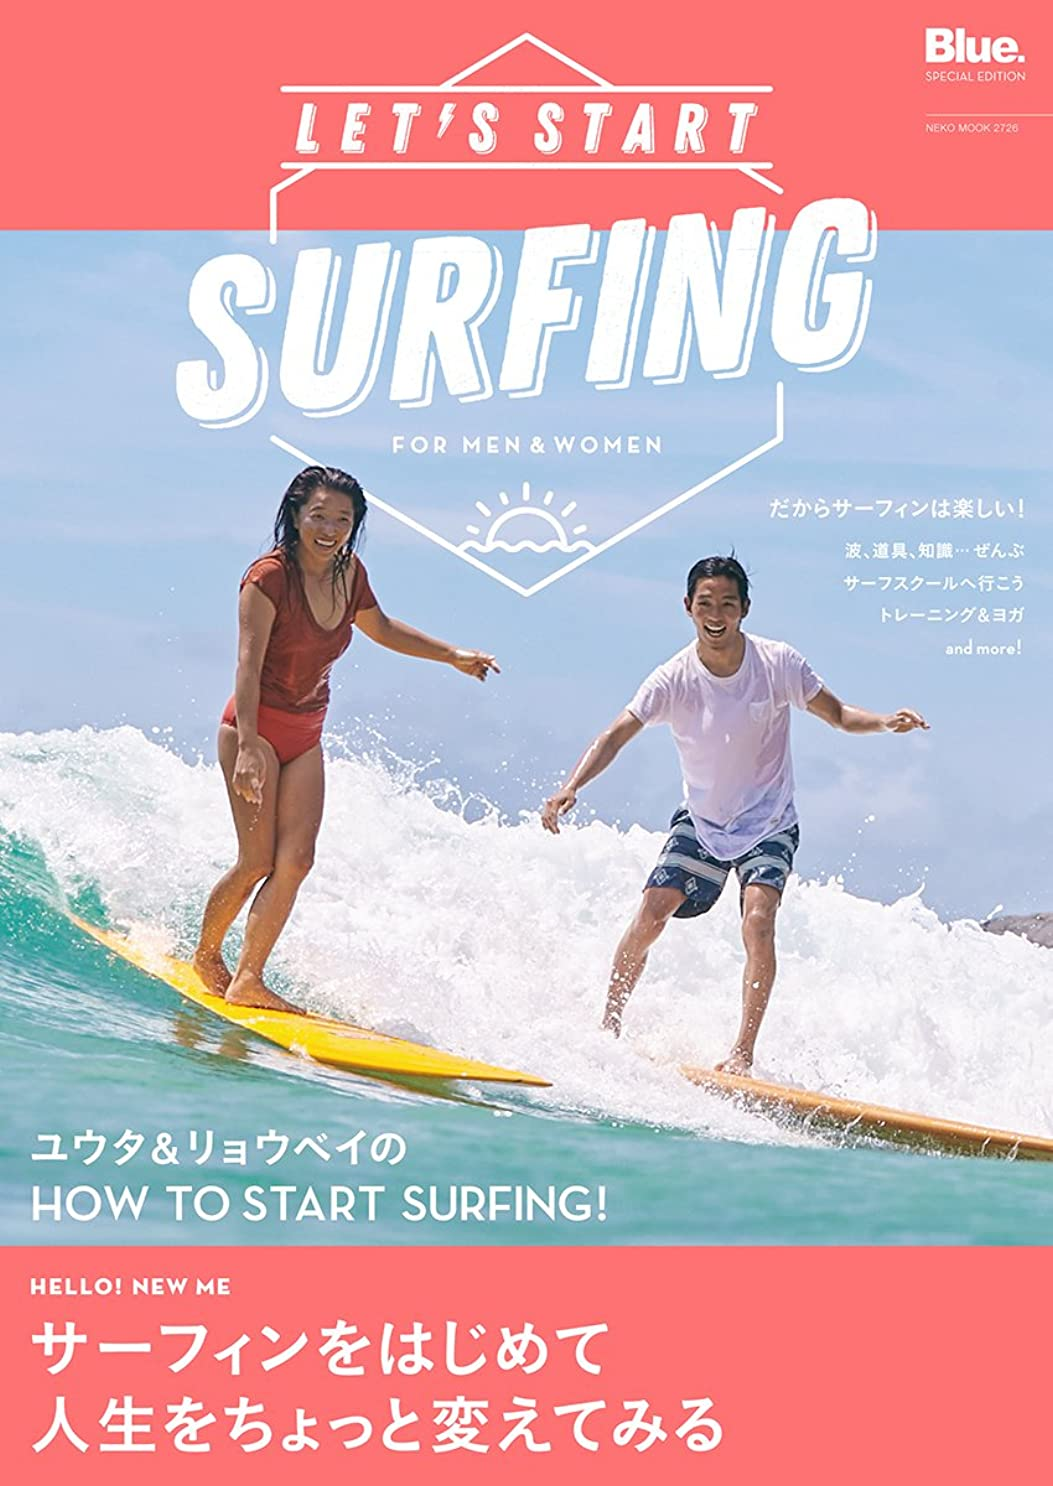 禁じるポルノ深遠Let's Start Surfing(レッツスタートサーフィン) (NEKO MOOK)